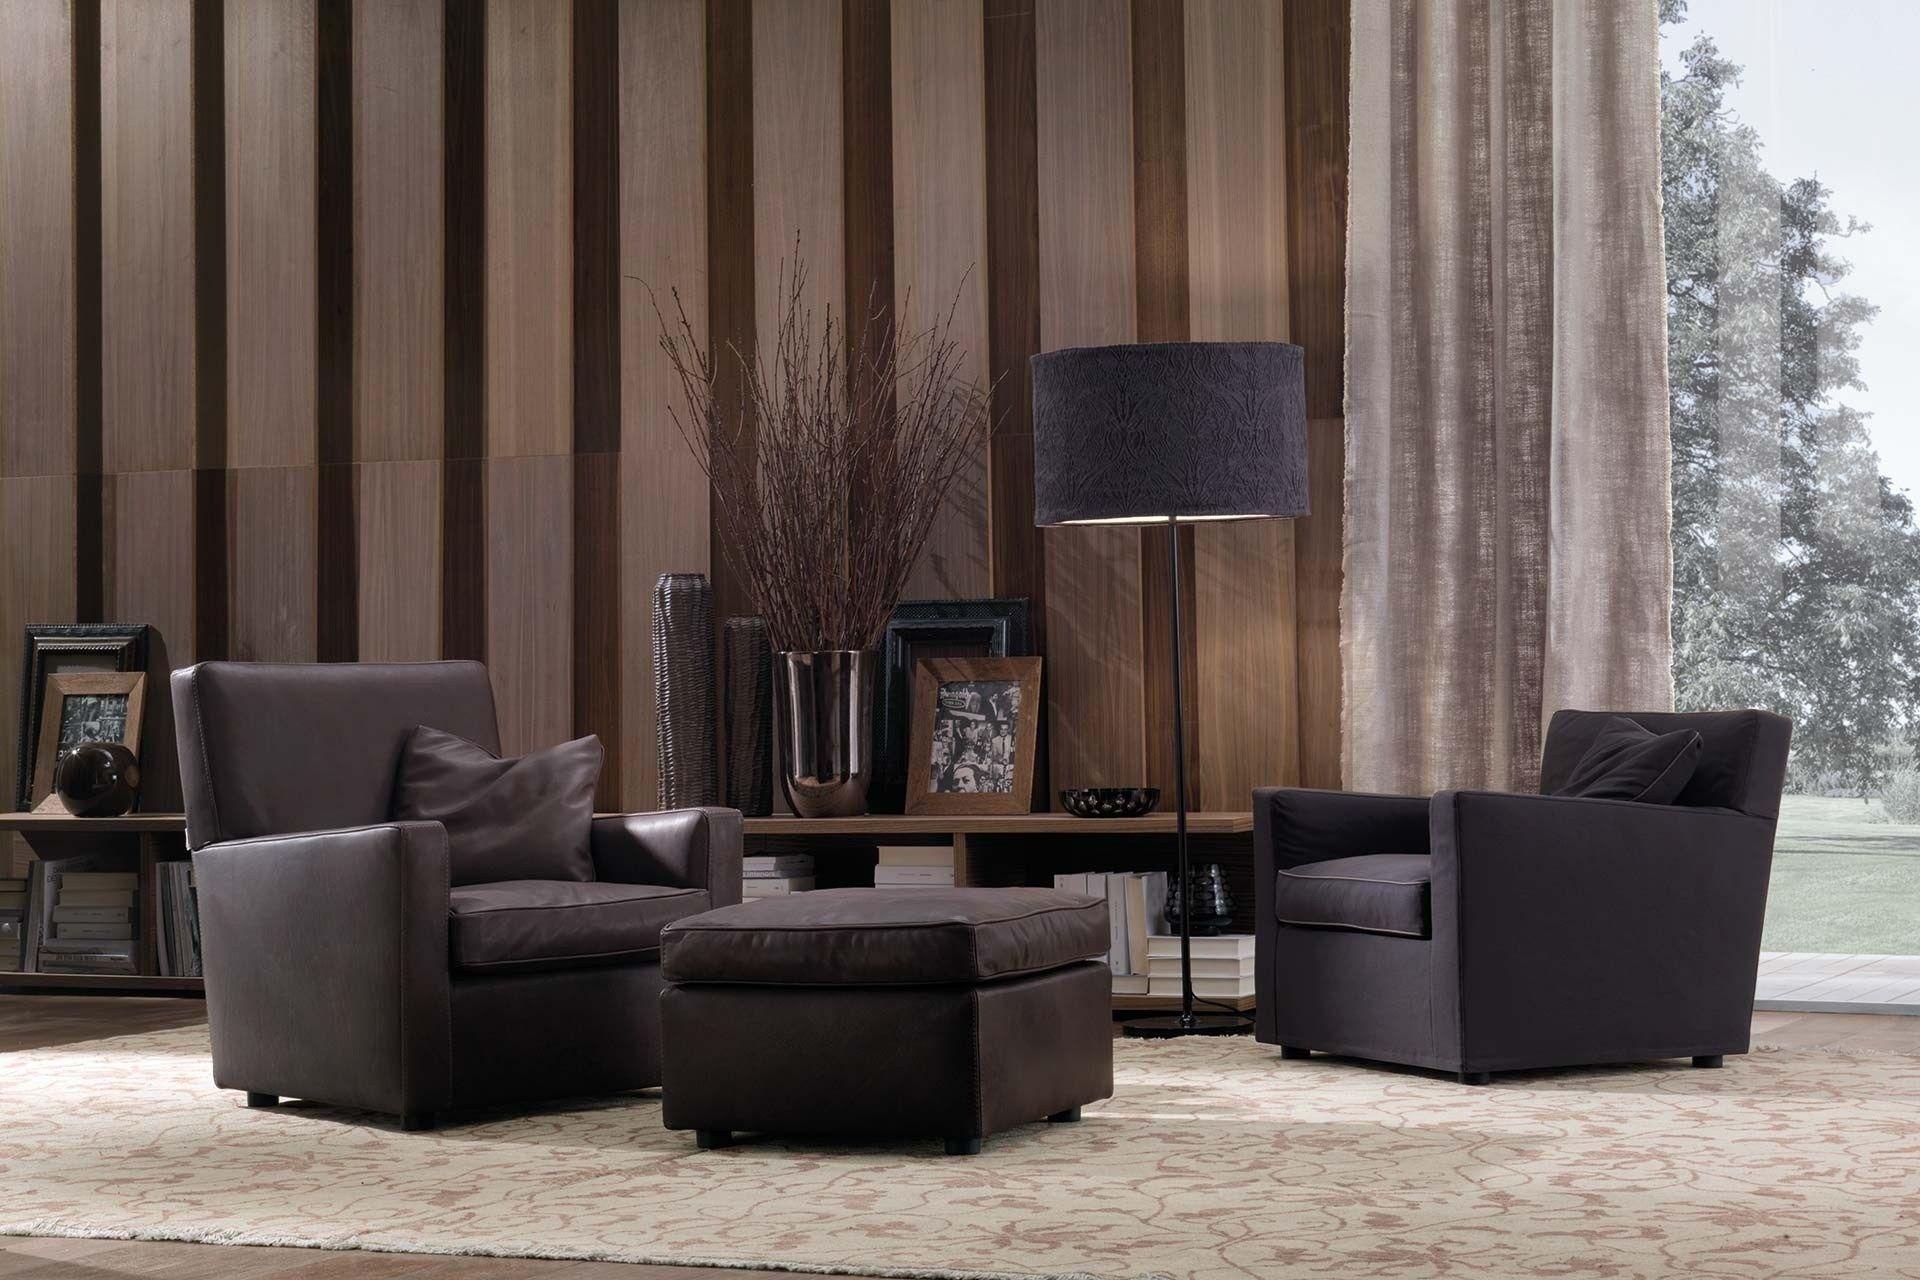 Fabbrica divani catania divano mod joker sx with fabbrica for Centro arredamento masanta